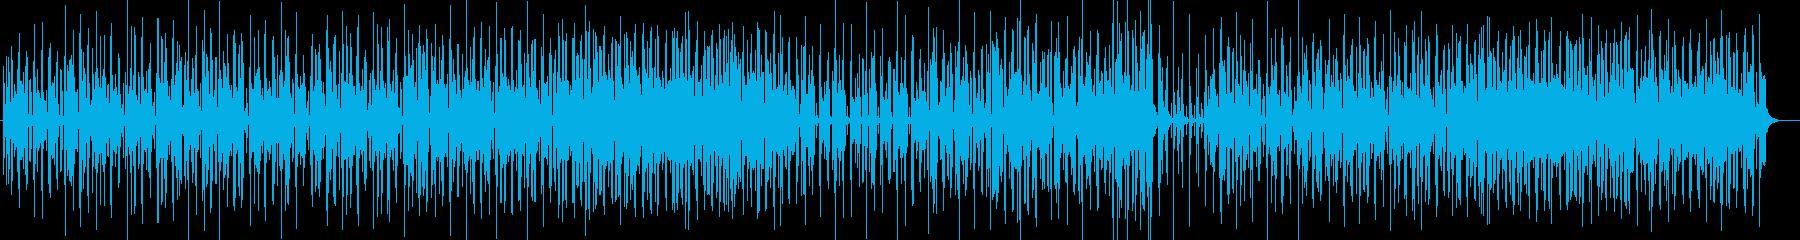 ゆったり陽気なシンセサイザーサウンドの再生済みの波形